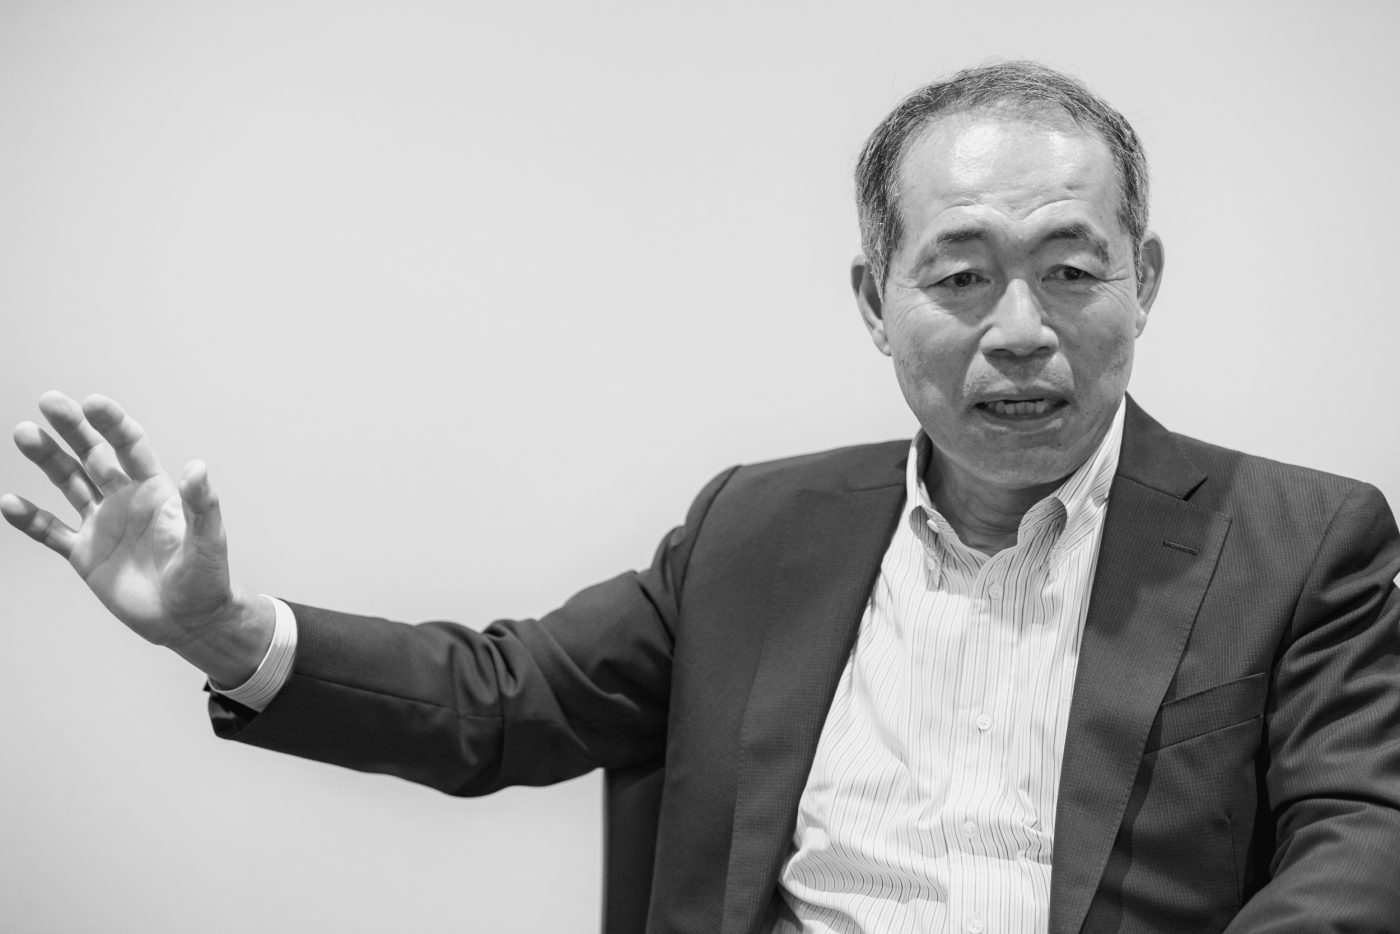 【インタビュー】ディズニーシーに「酔っ払って騒ぐ人」がいない理由。東京ディズニーランドの成功における「6つの鍵」とは 元東京ディズニーリゾート運営部長・安孫子薫(後編)